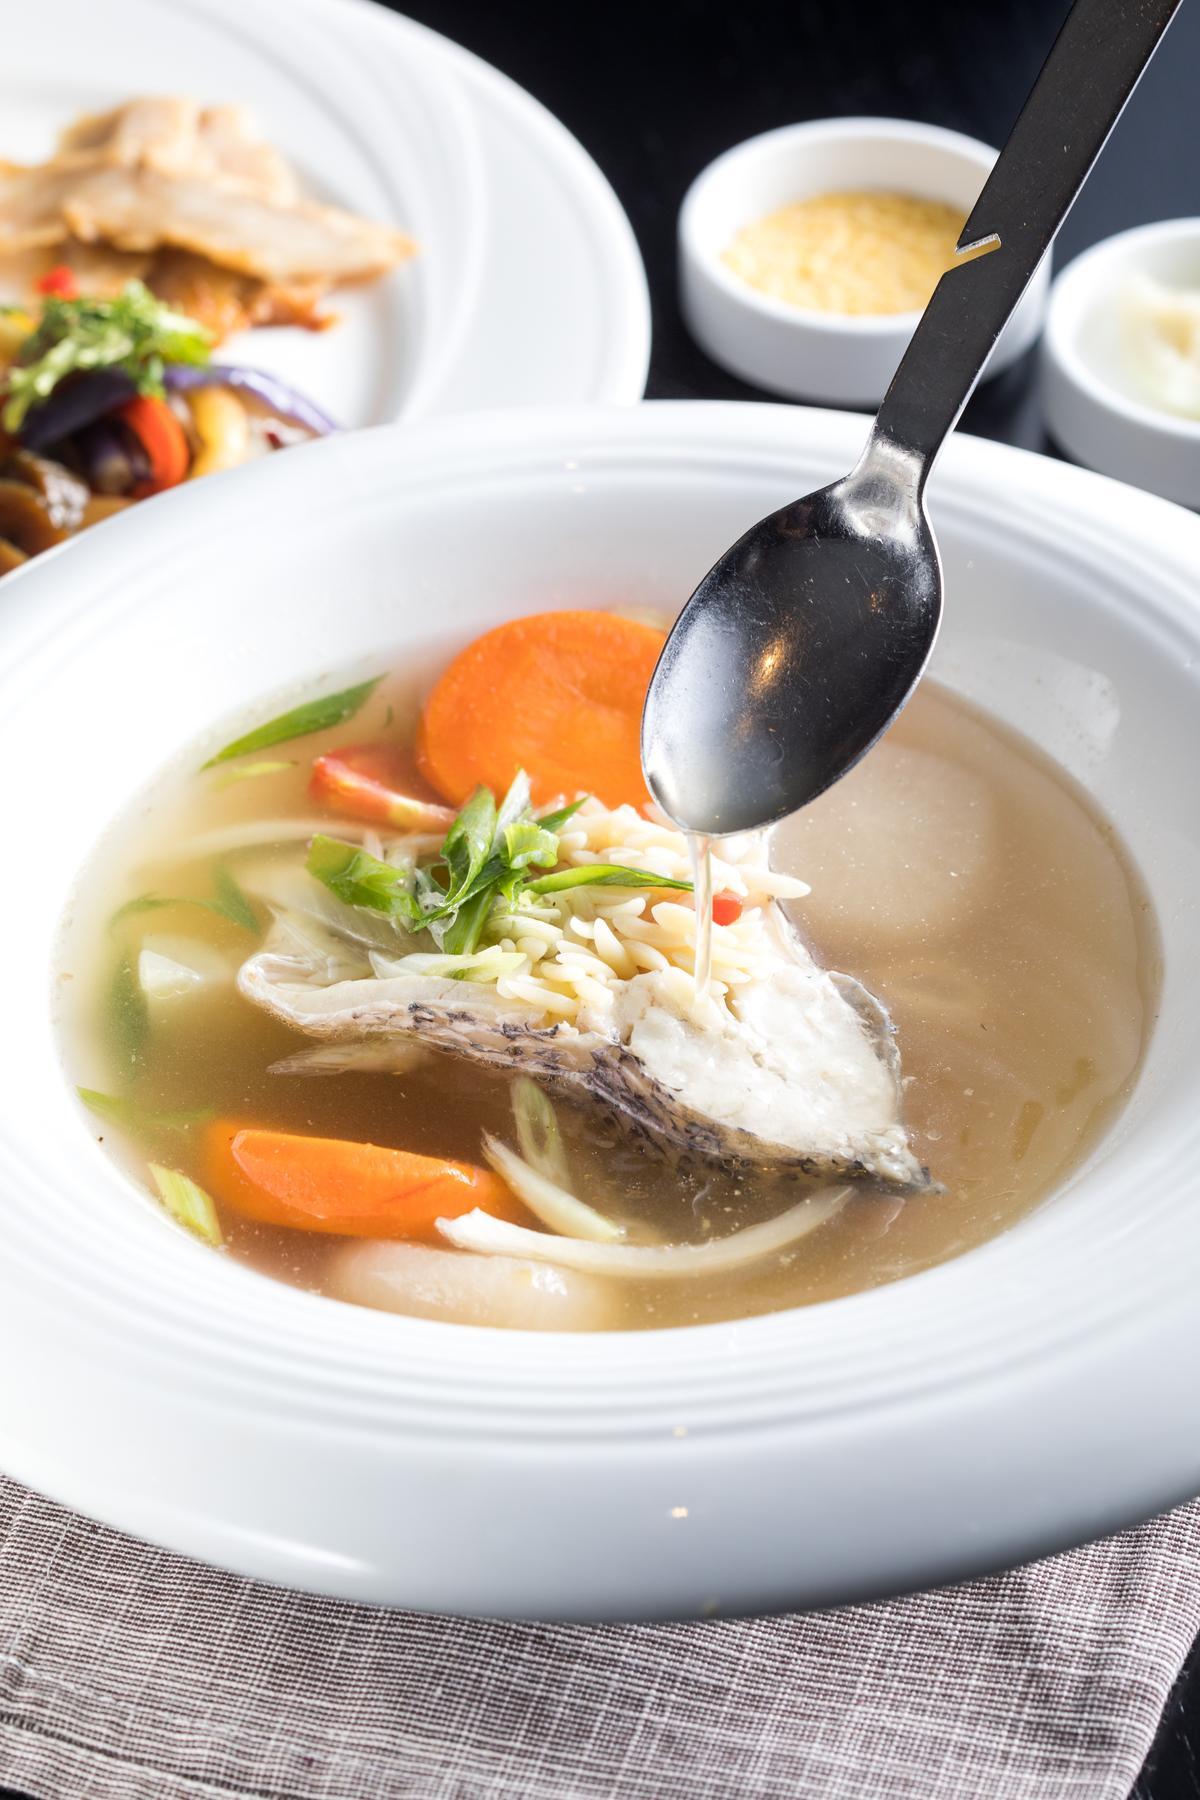 台式古早味結合南義燉海鮮的「西瓜綿海鱸魚米型麵湯」酸鮮清甜。(450元/份)